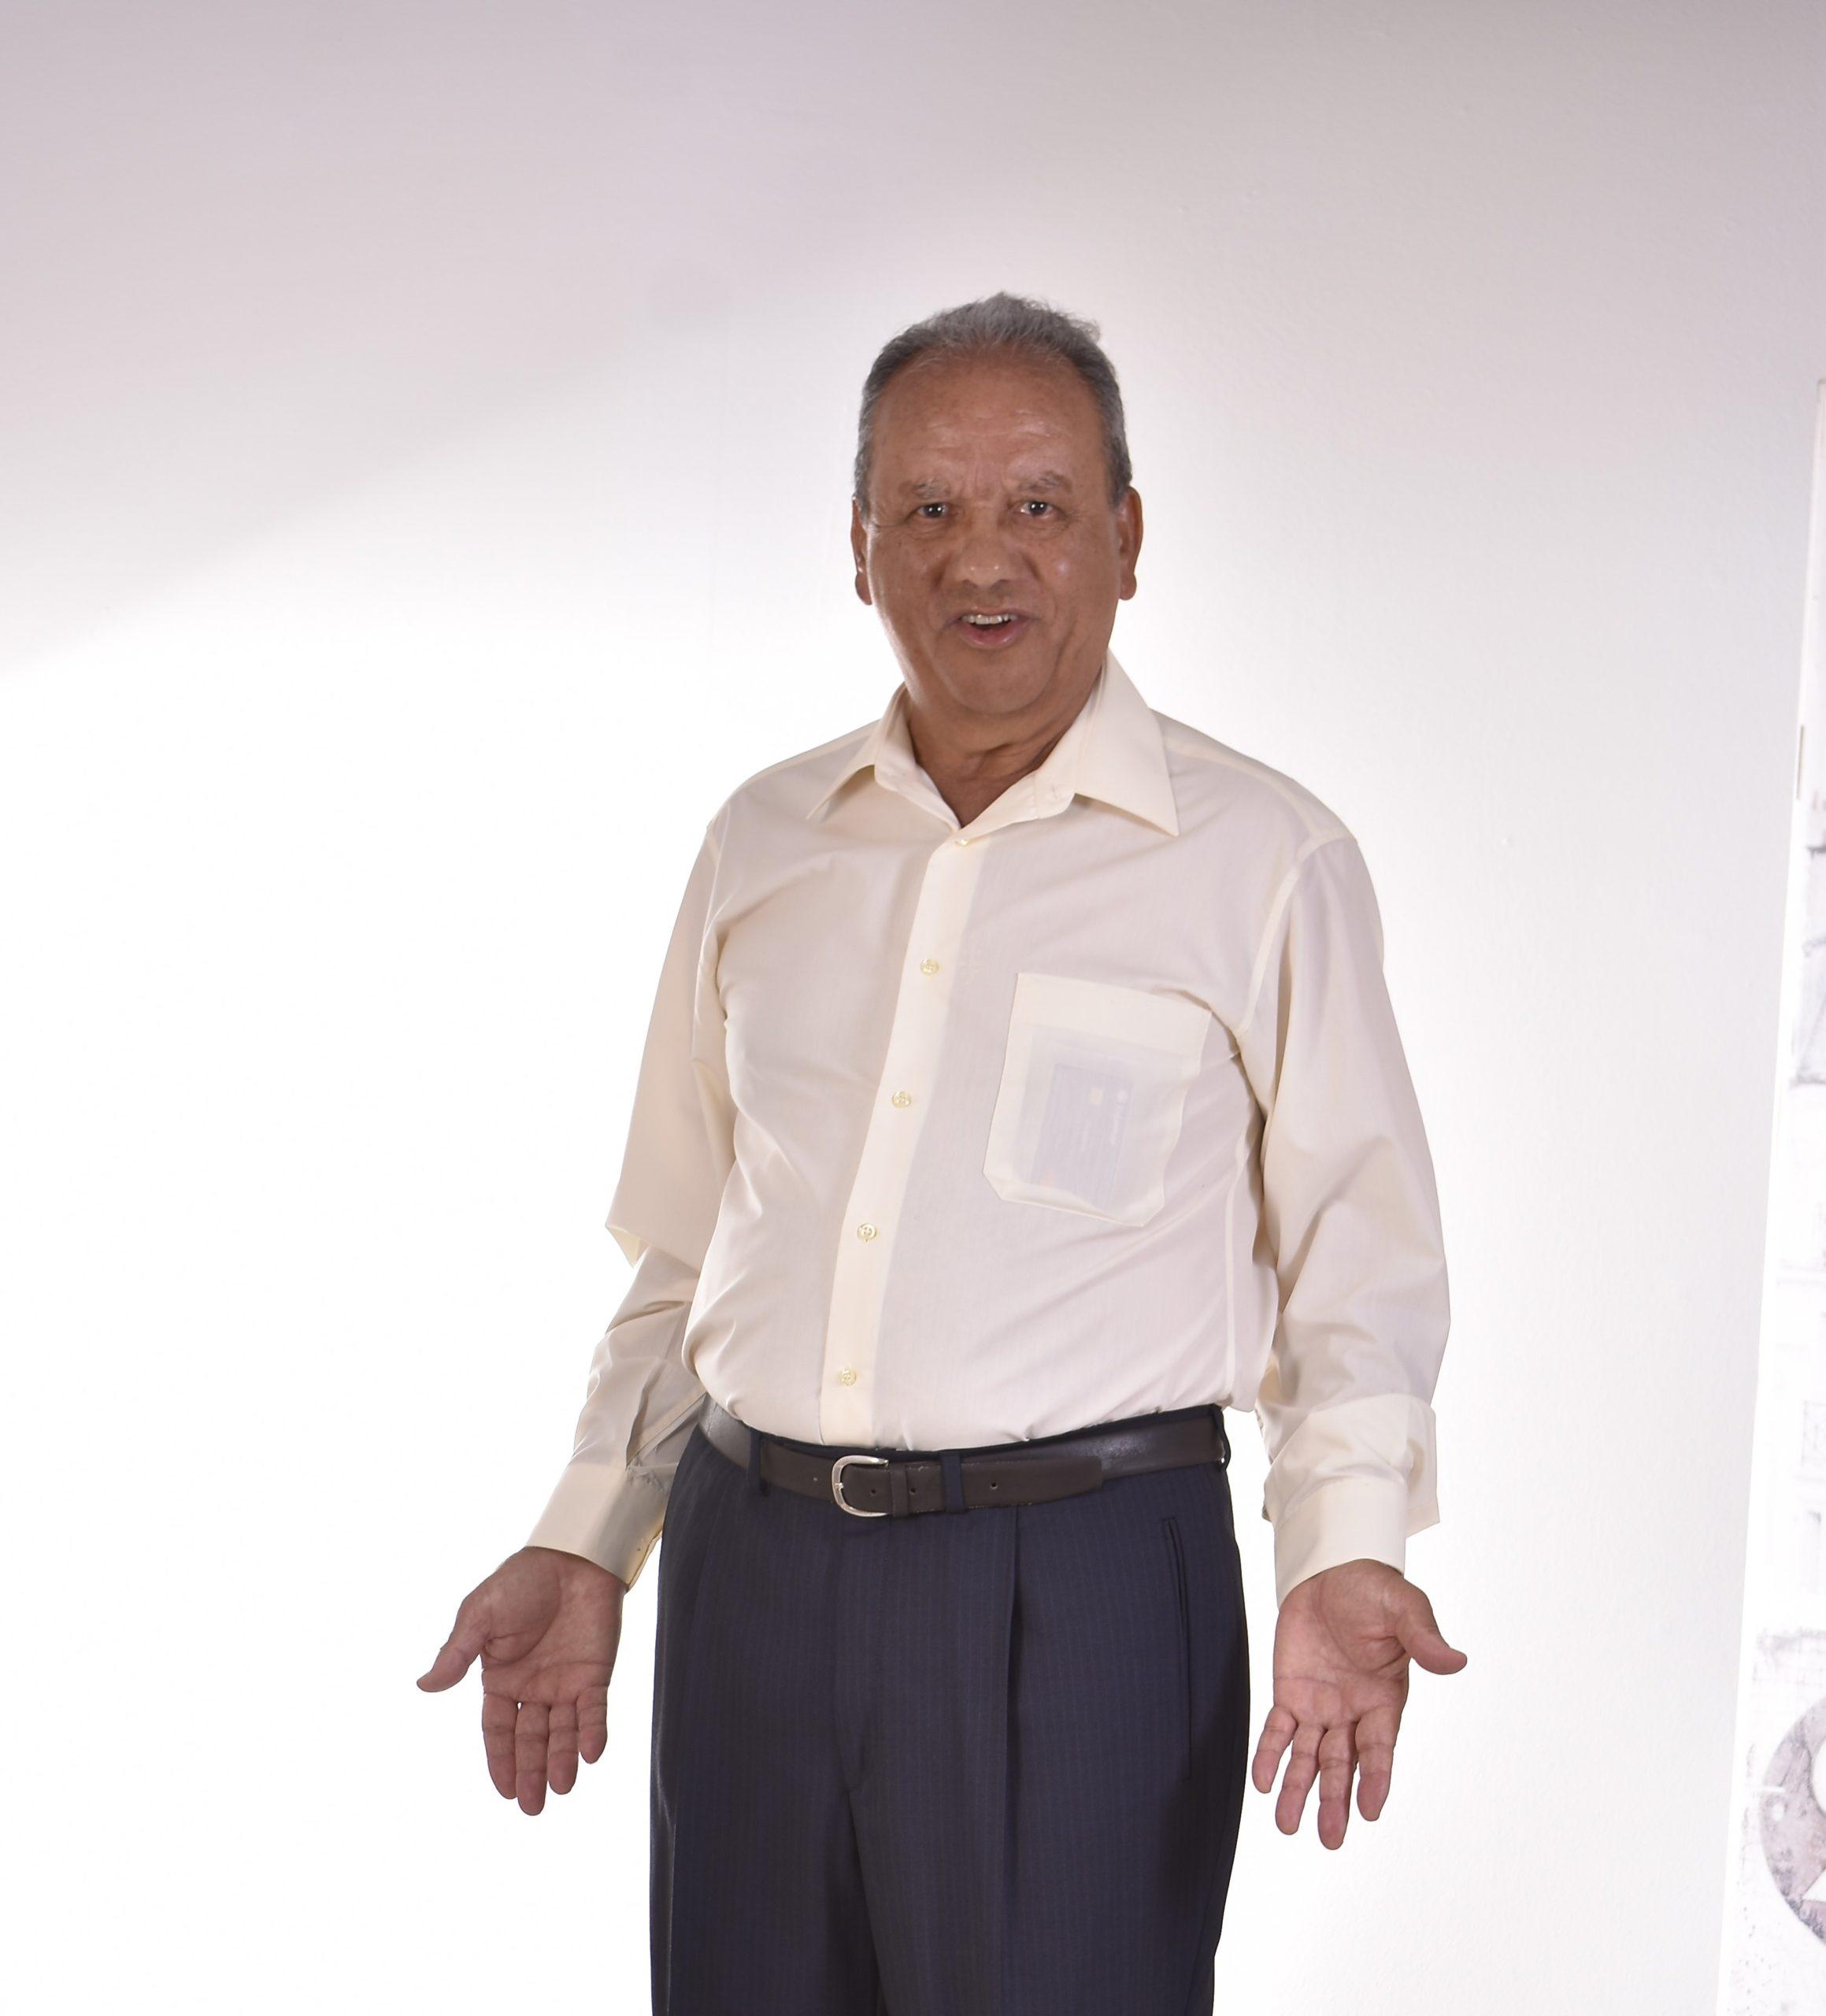 MANUEL QUINTANA